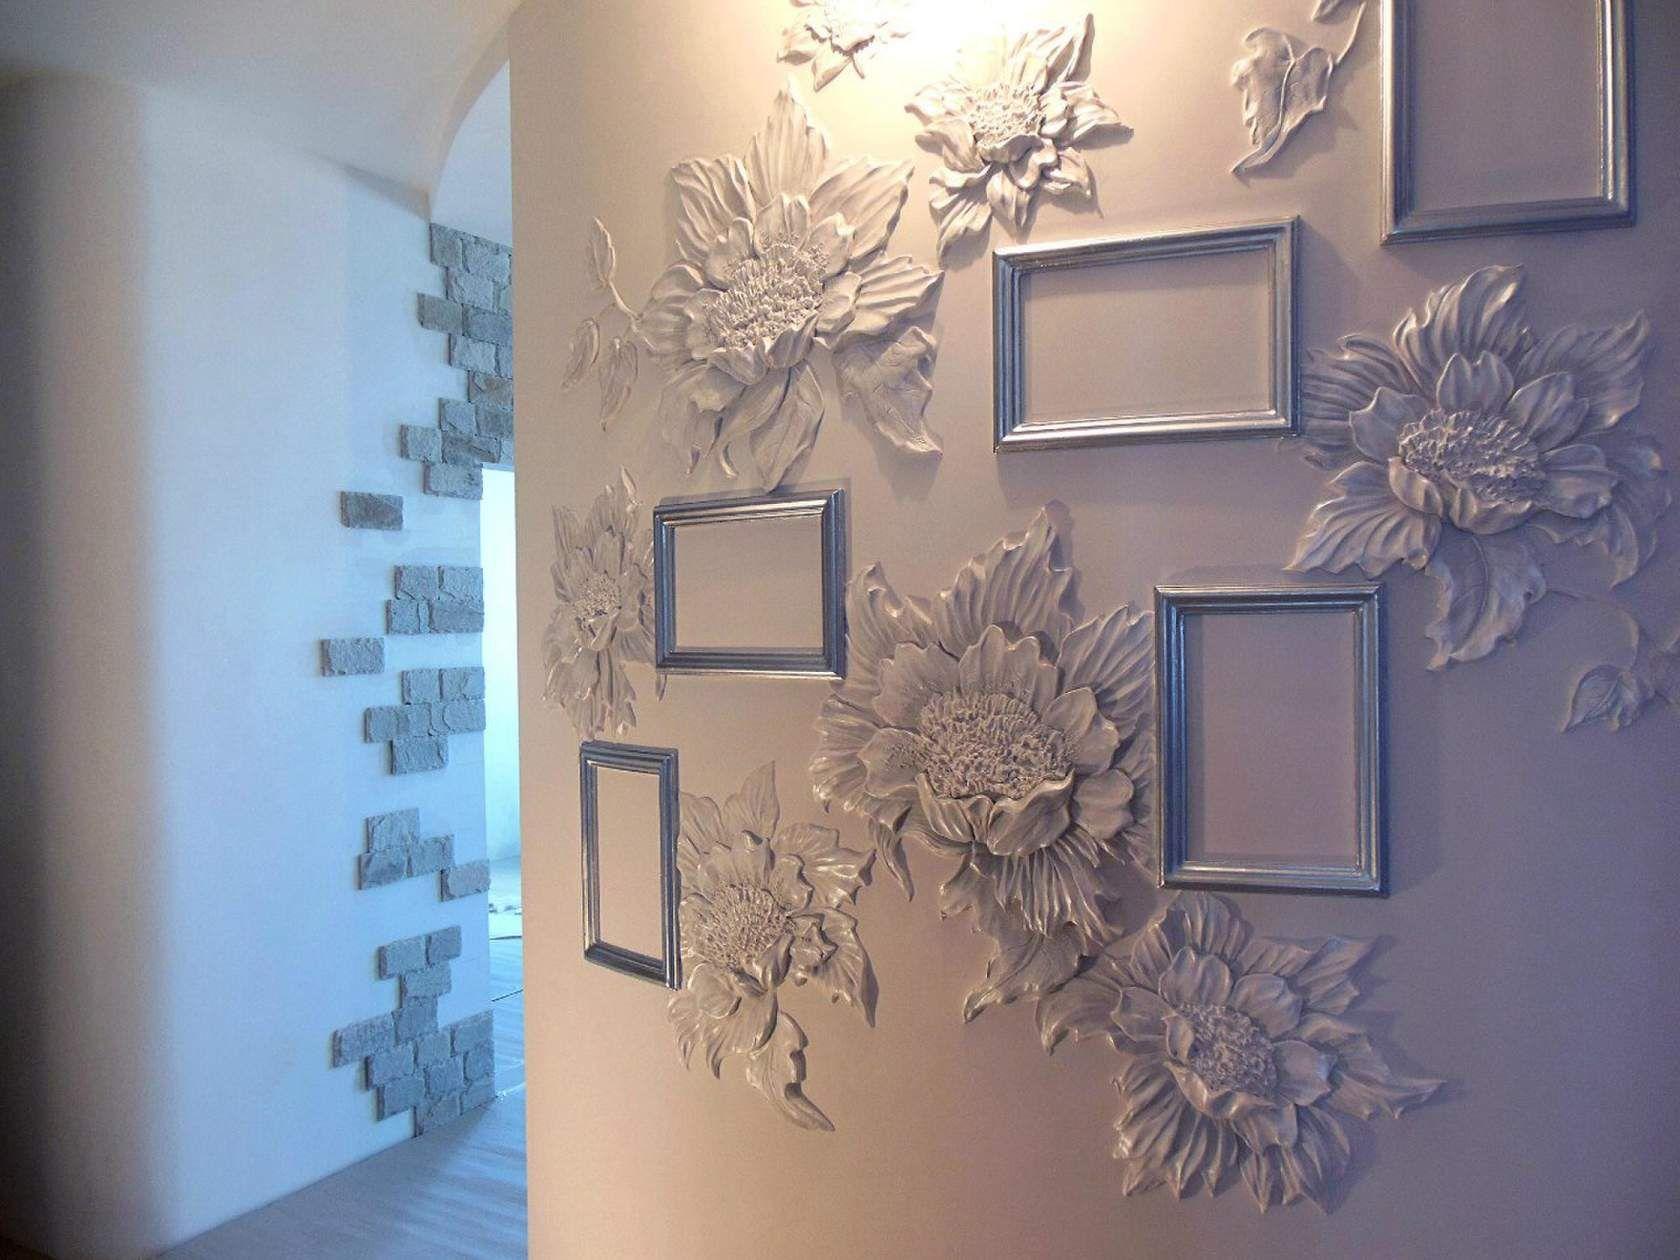 Картины своими руками — лучшие идеи и варианты создания стильных украшений для стен (105 фото)